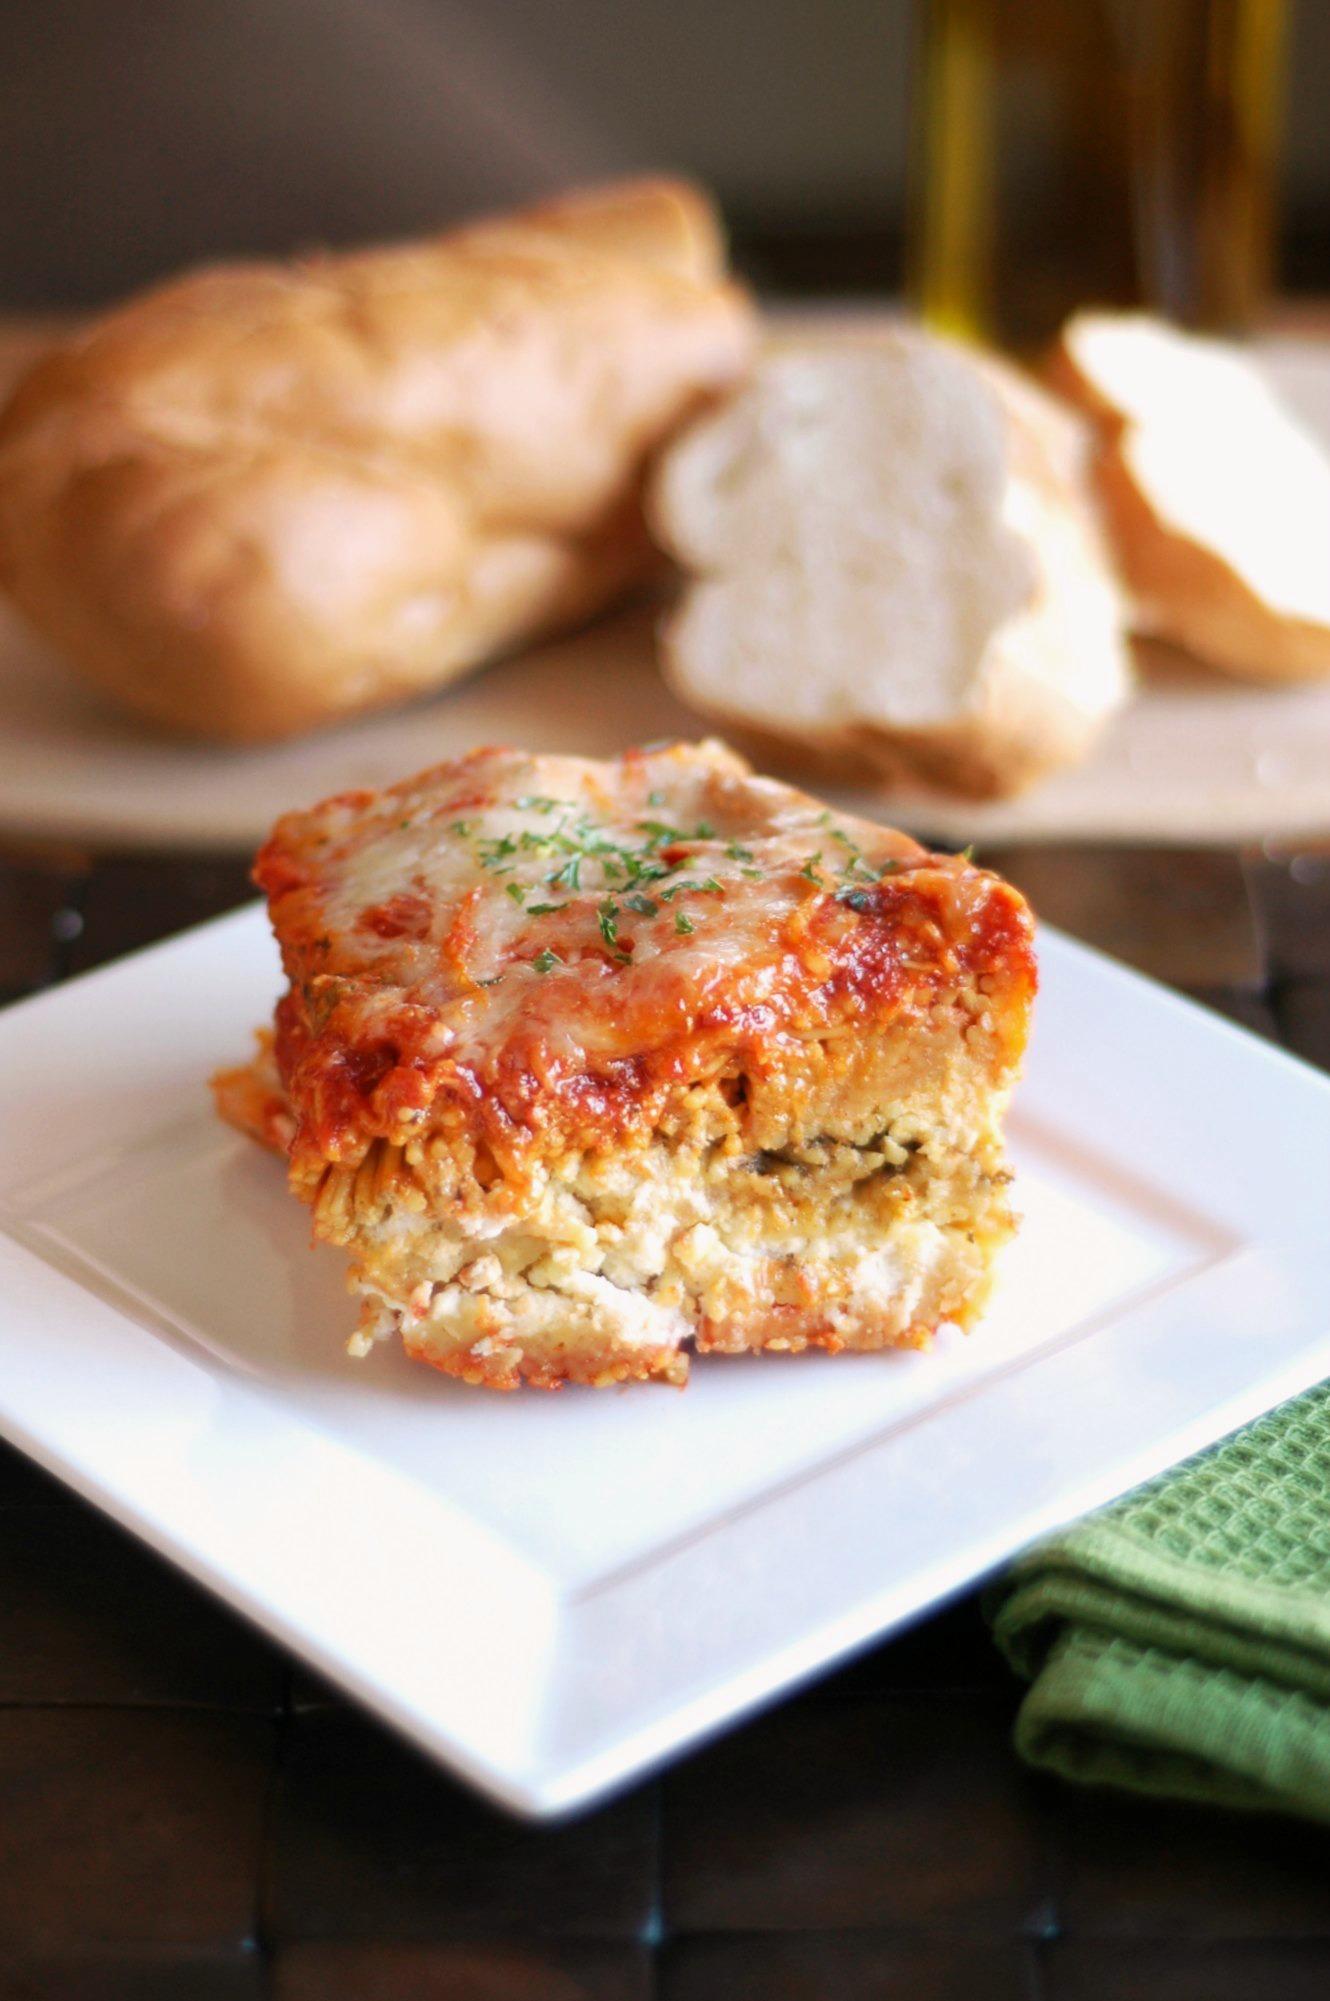 Crockpot spaghetti lasagna